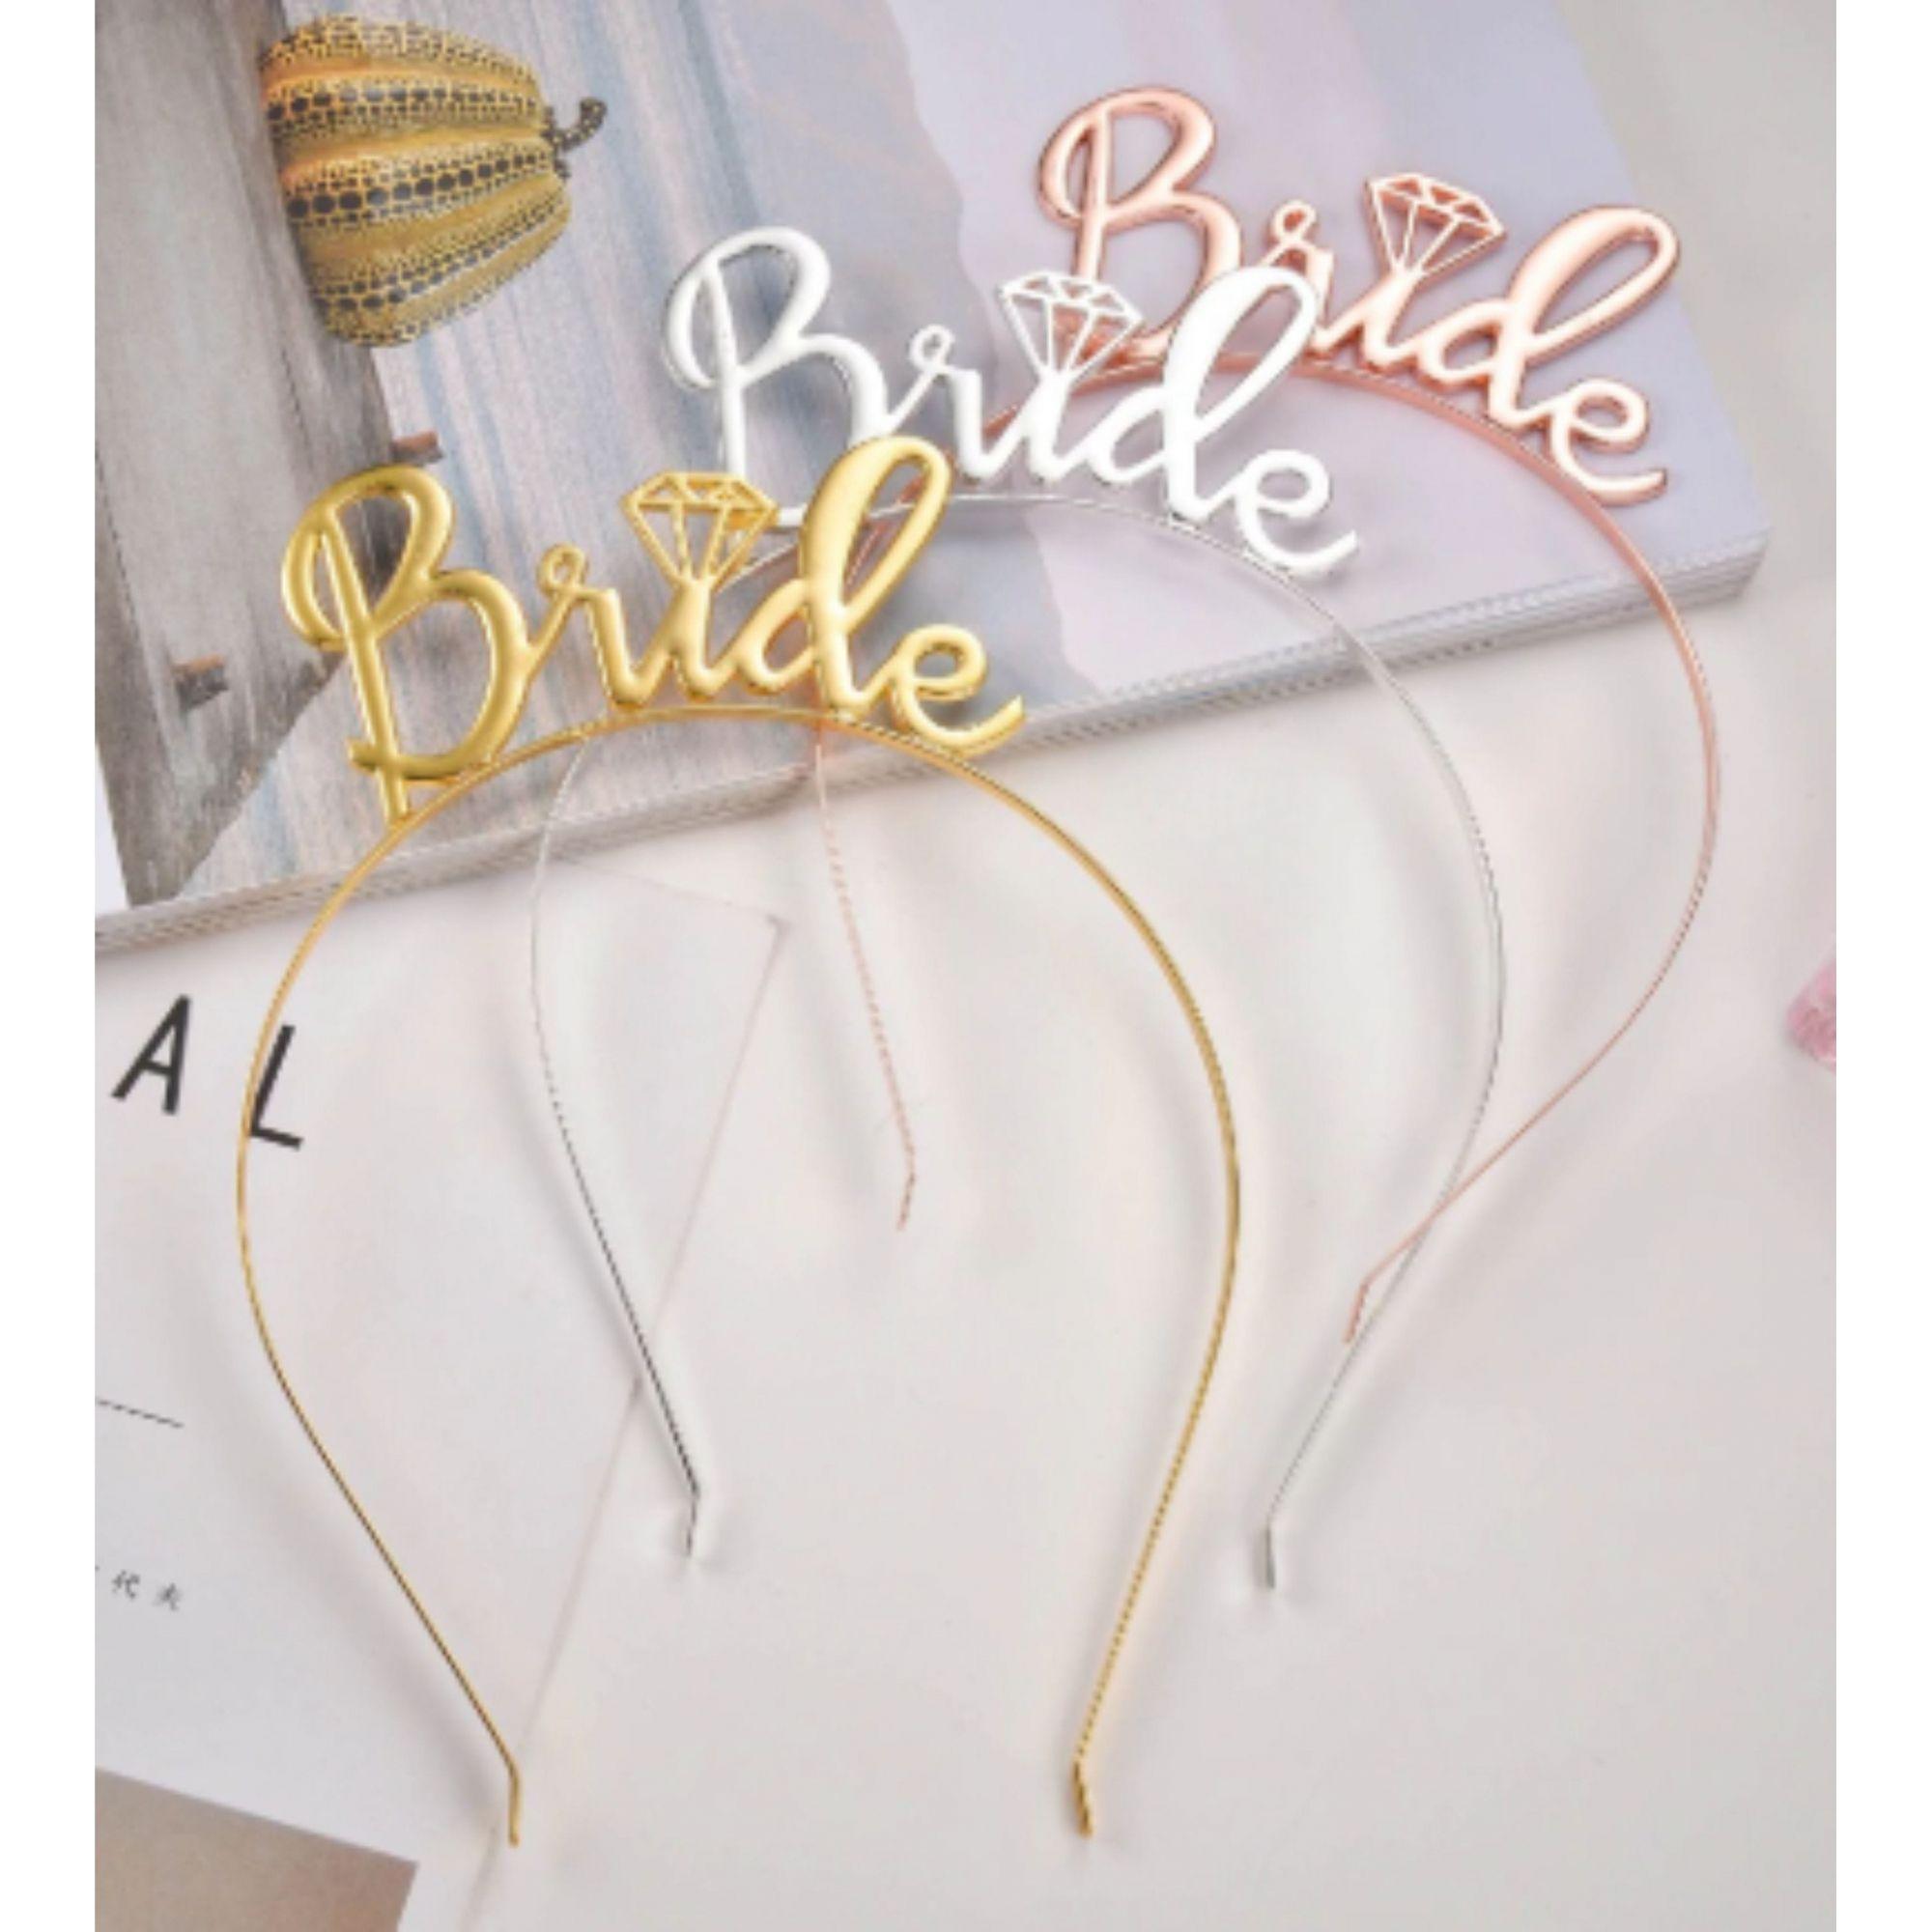 Tiara Bride Dourada Pronta Entrega para Despedida de Solteira